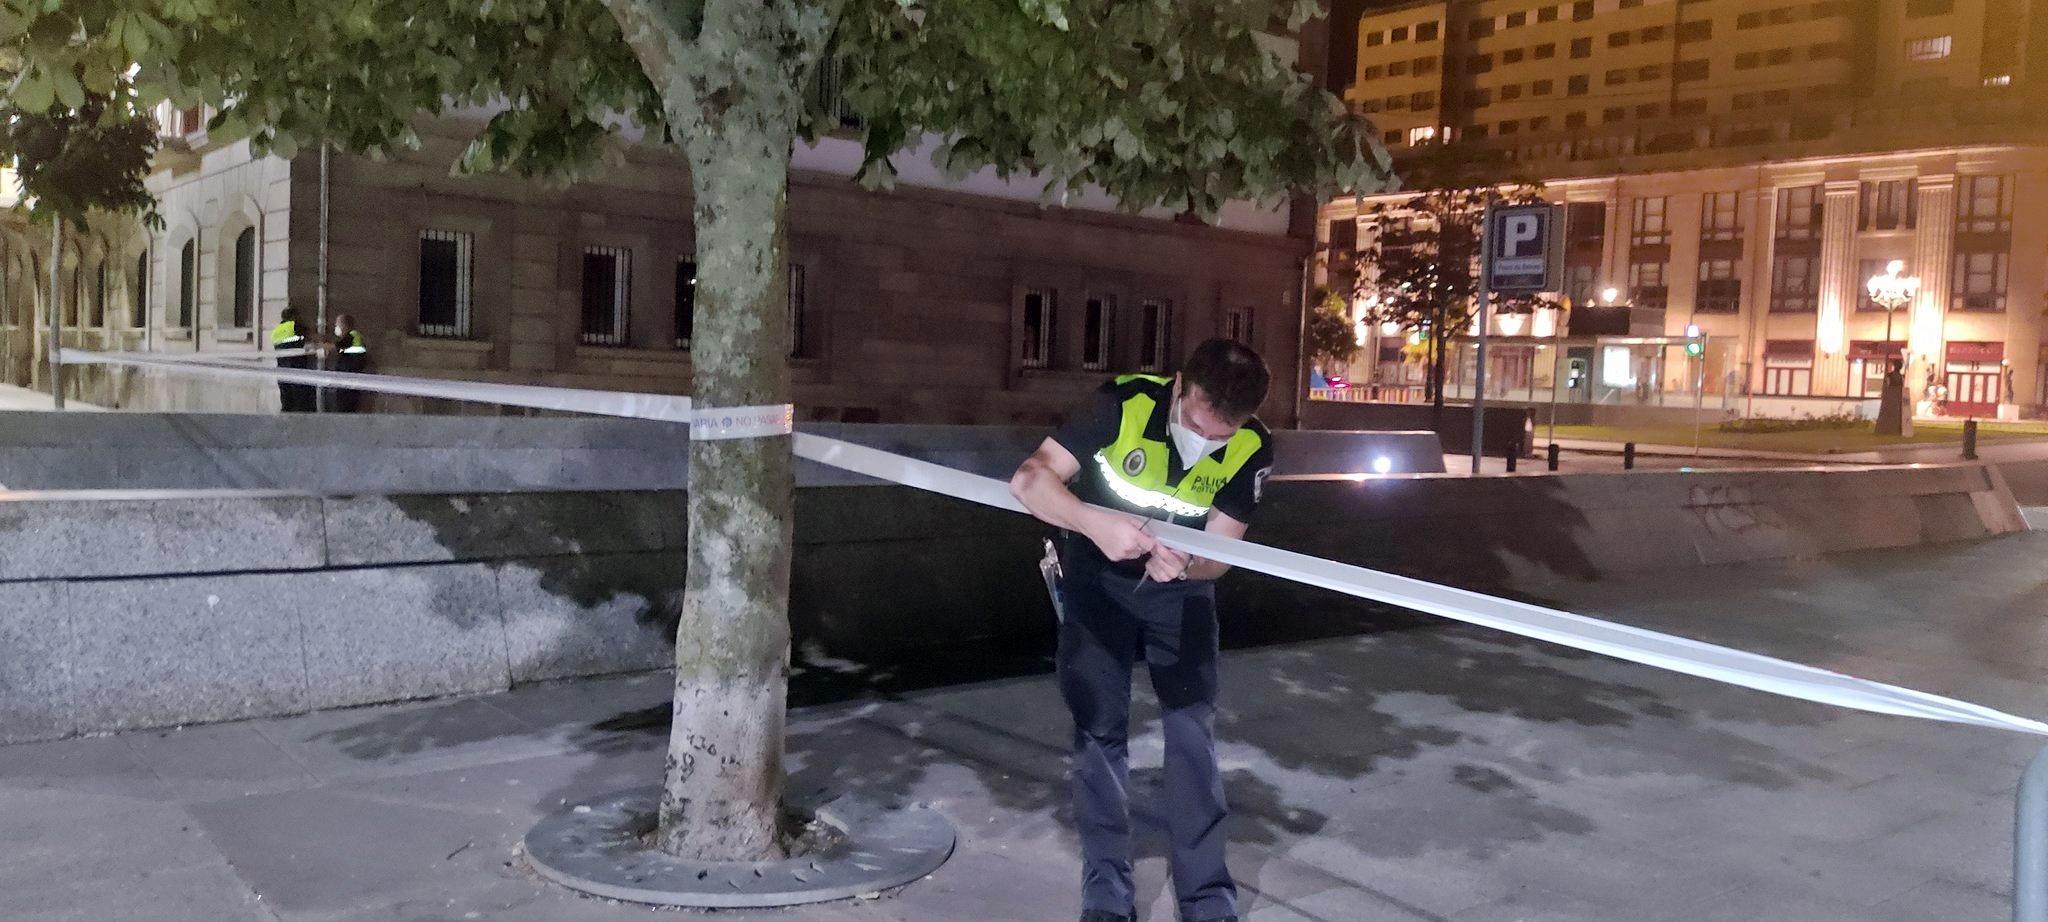 VÁZQUEZ ALMUIÑA AGRADECE EL ESFUERZO DE LA POLICÍA PORTUARIA EN LA VIGILANCIA DE LOS ESPACIOS PROCLIVES AL BOTELLÓN DURANTE EL FIN DE SEMANA